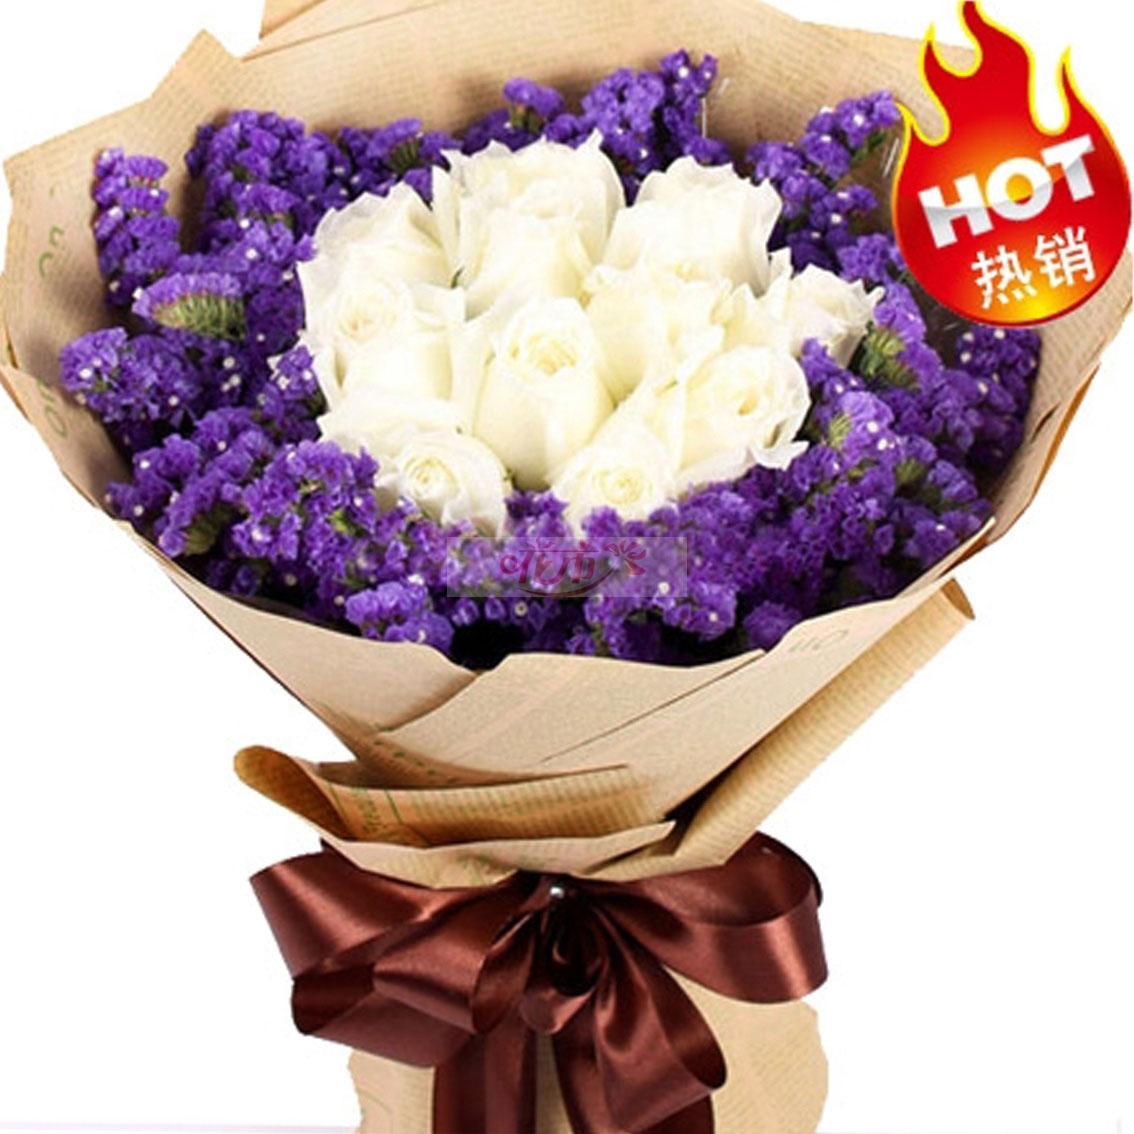 女朋友过生日送什么礼物好呢,TA竟然喜欢这个